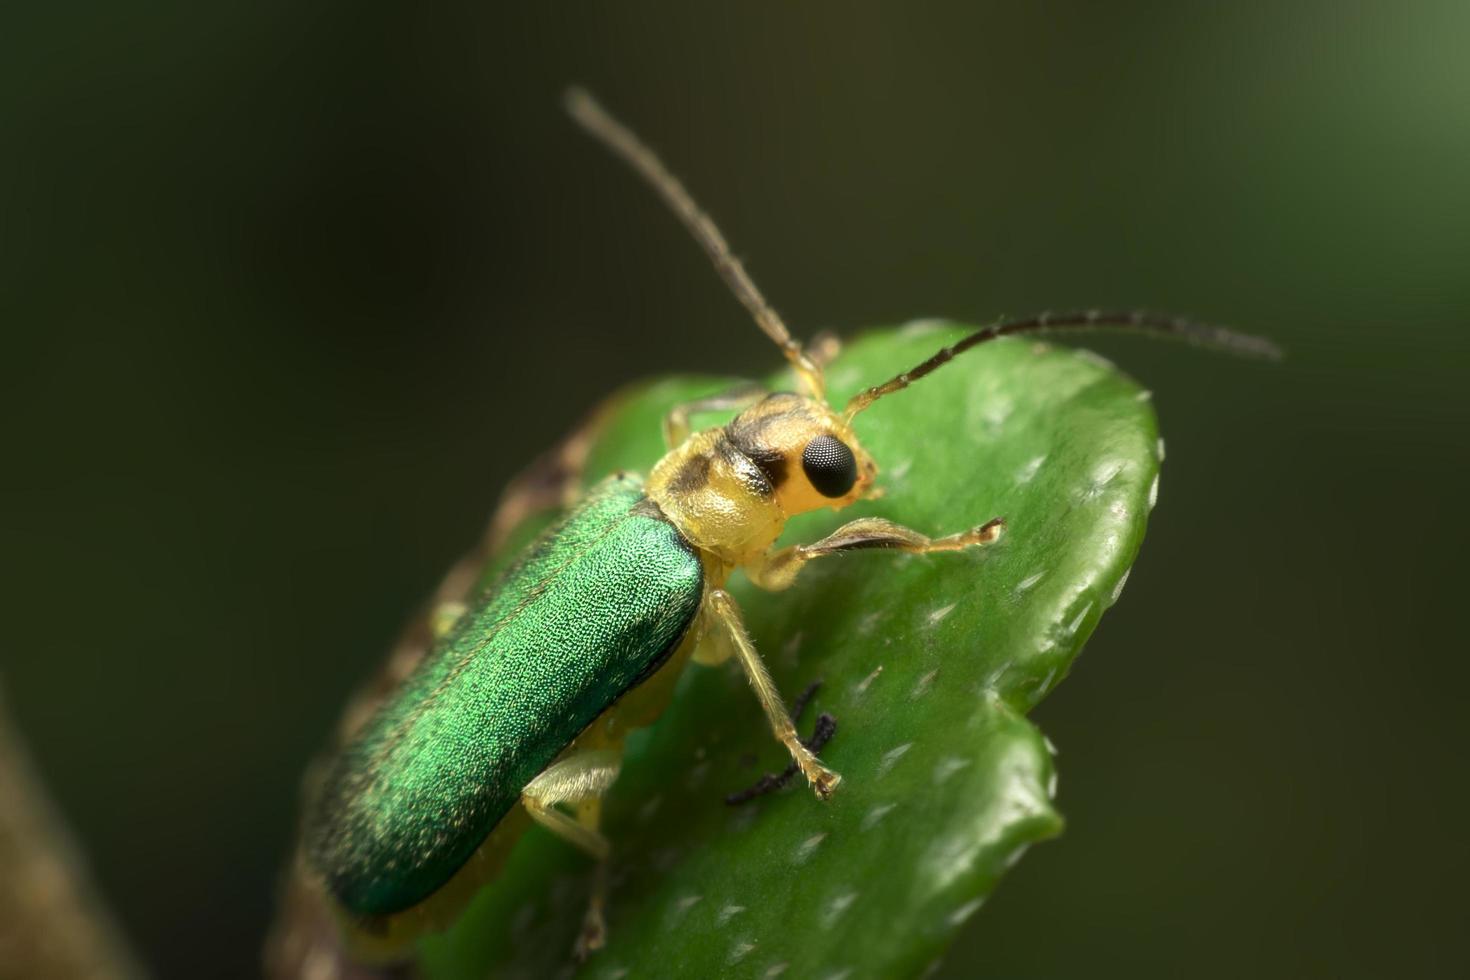 escarabajo verde sobre fondo de hoja verde foto